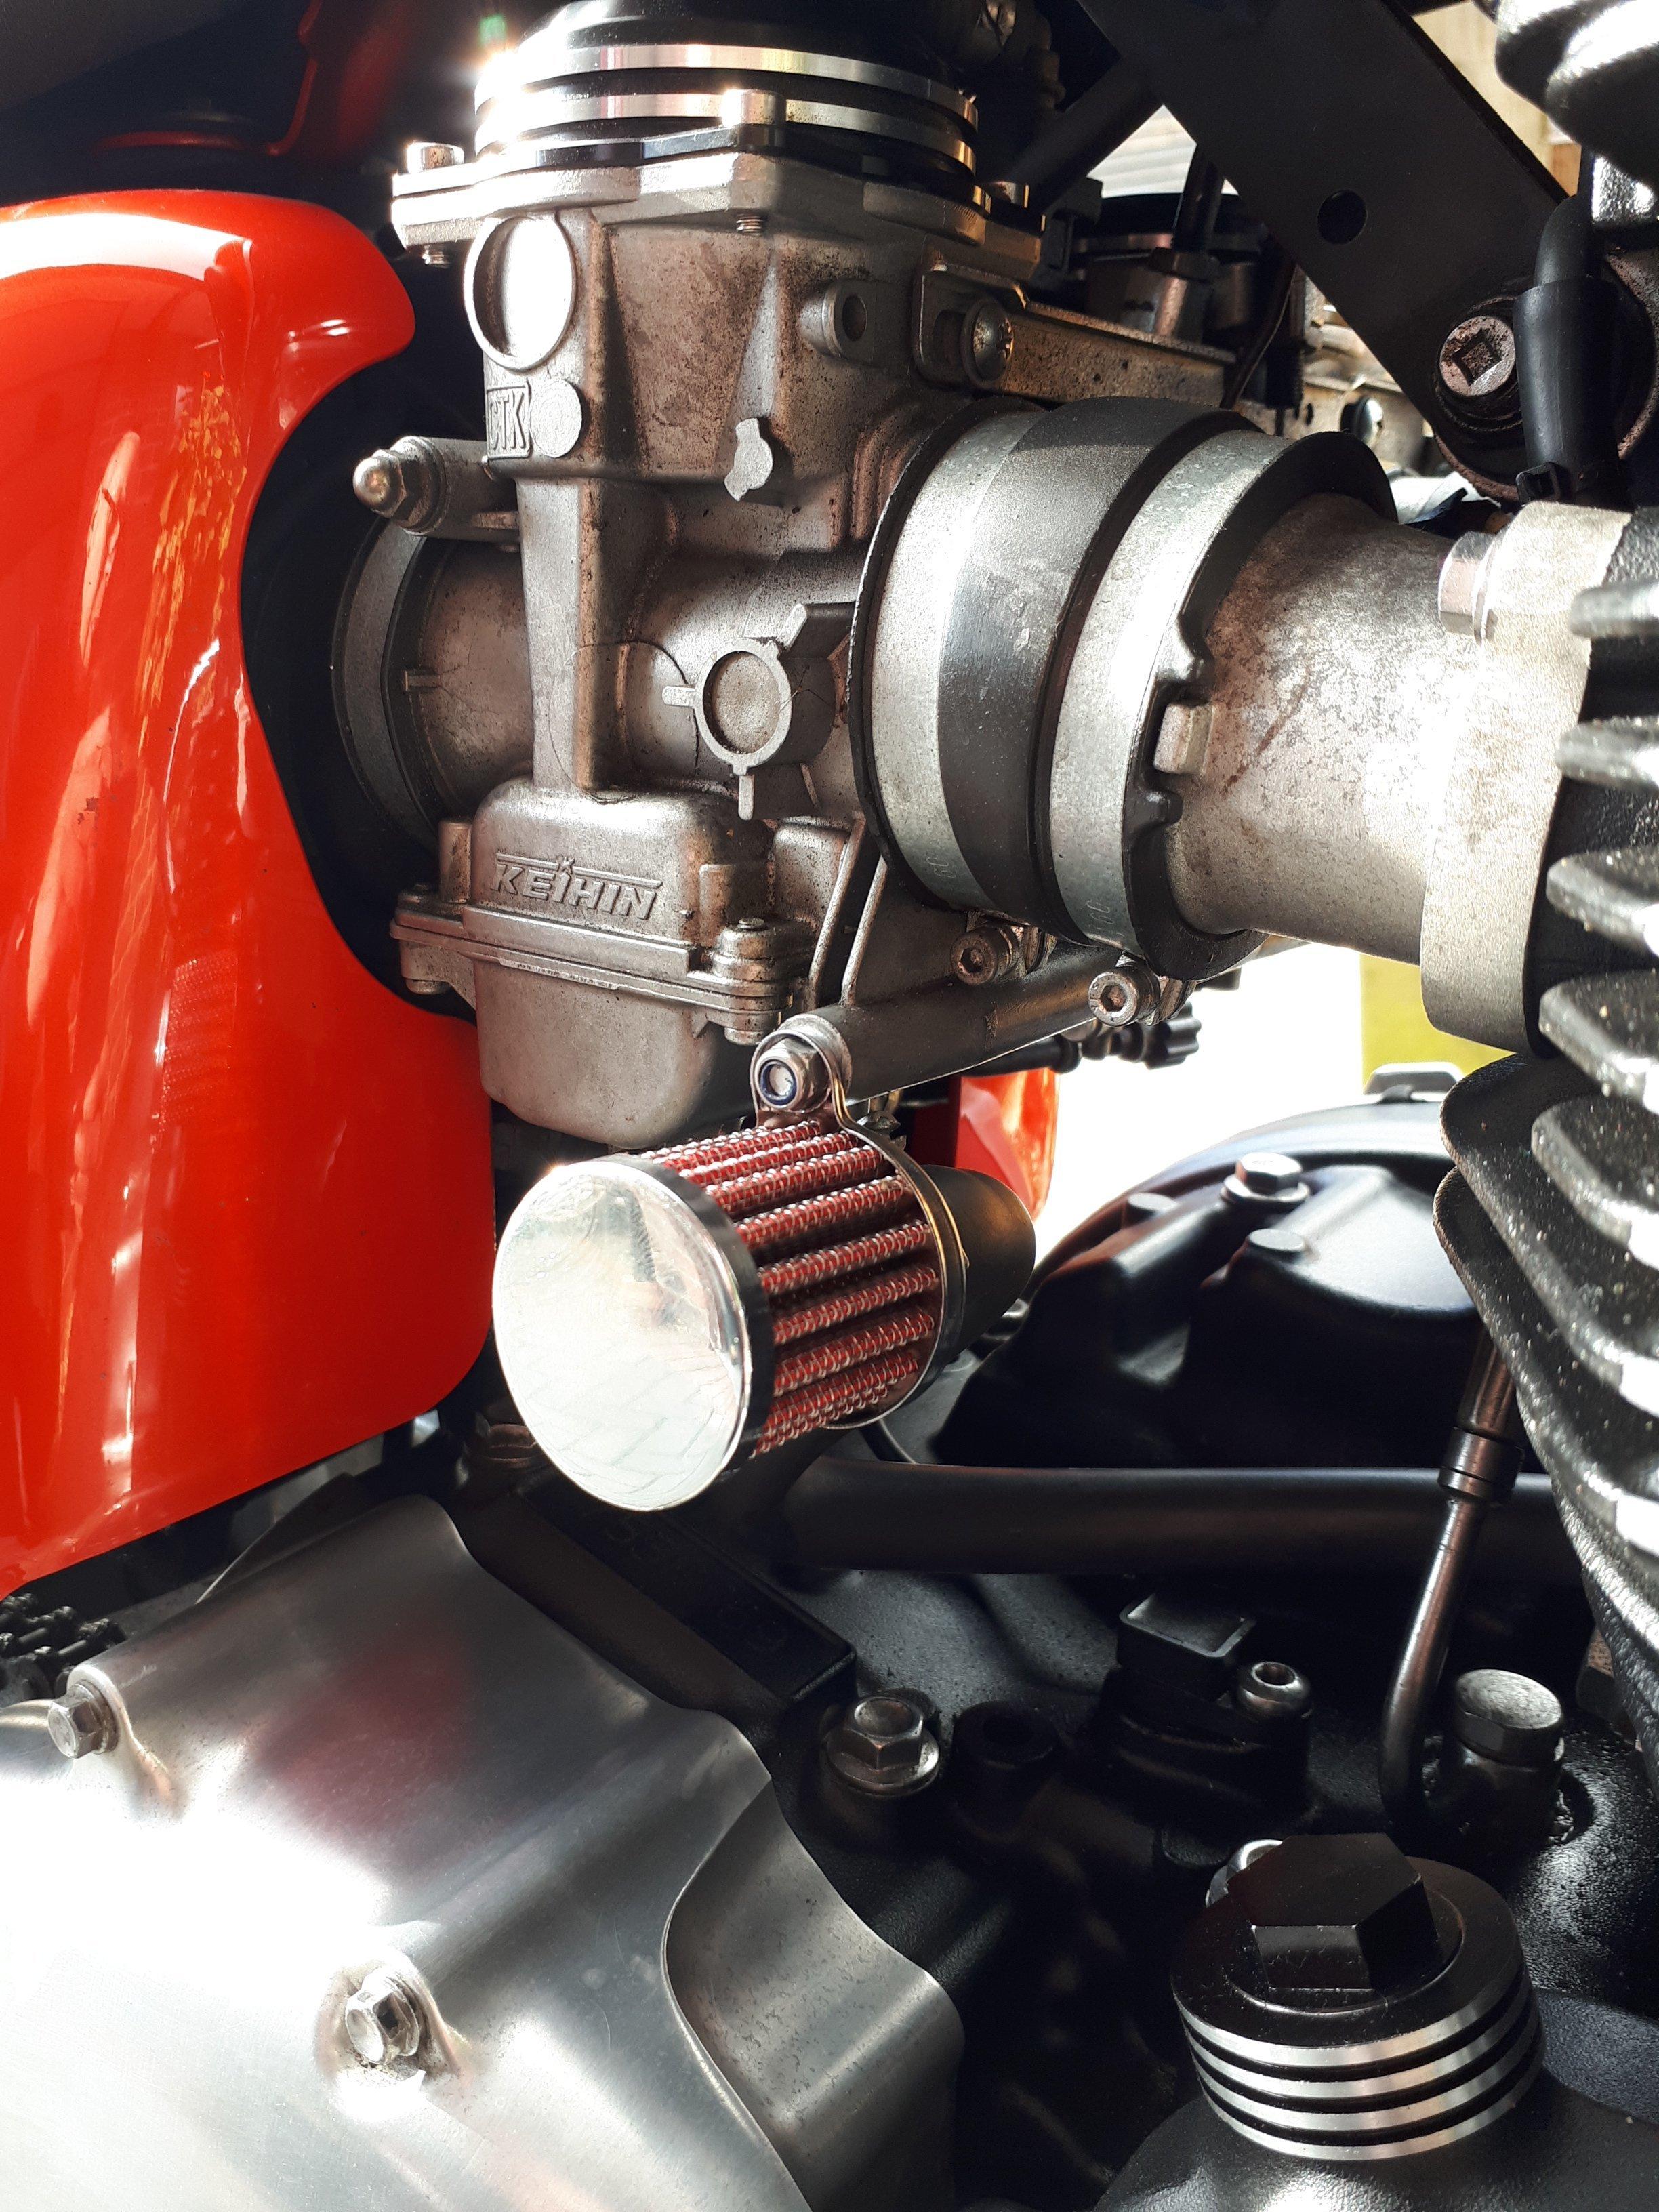 Crankcase Breather Mod | The Triumph Forum